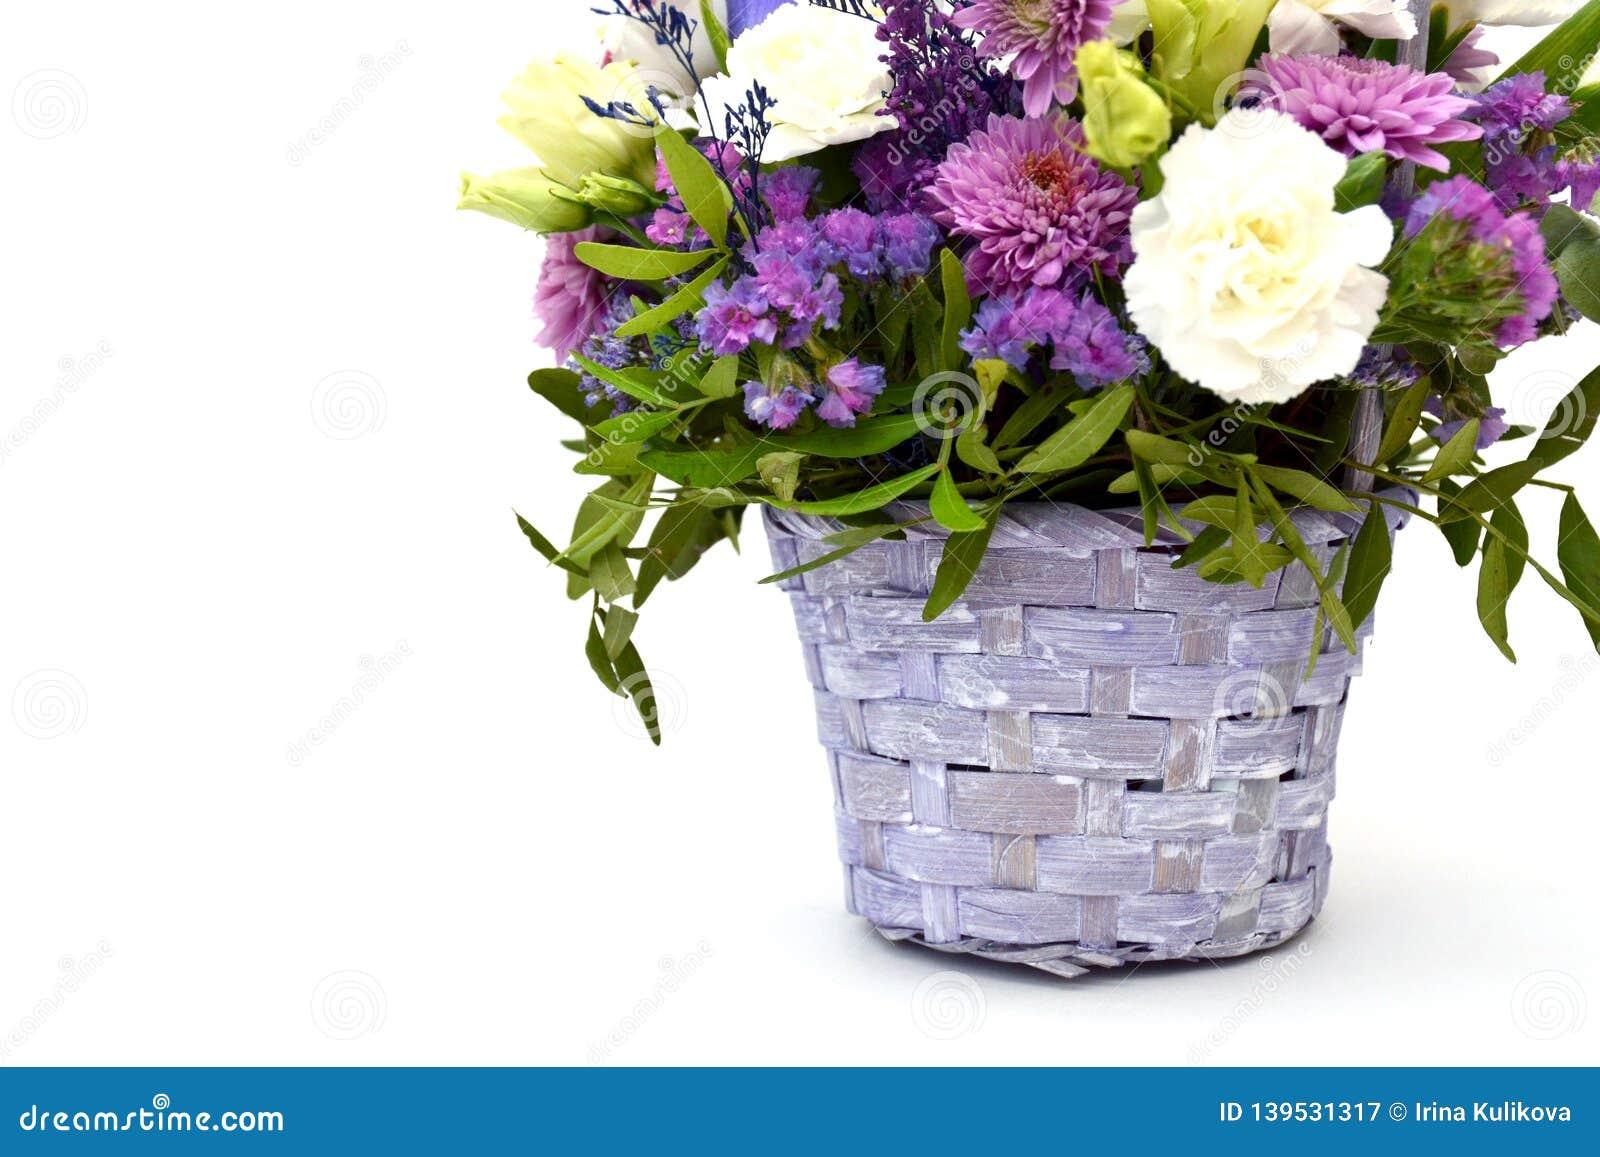 Ramo aislado de flores de la primavera en la cesta de madera de mimbre decorativa de lila y de flores púrpuras en un fondo blanco